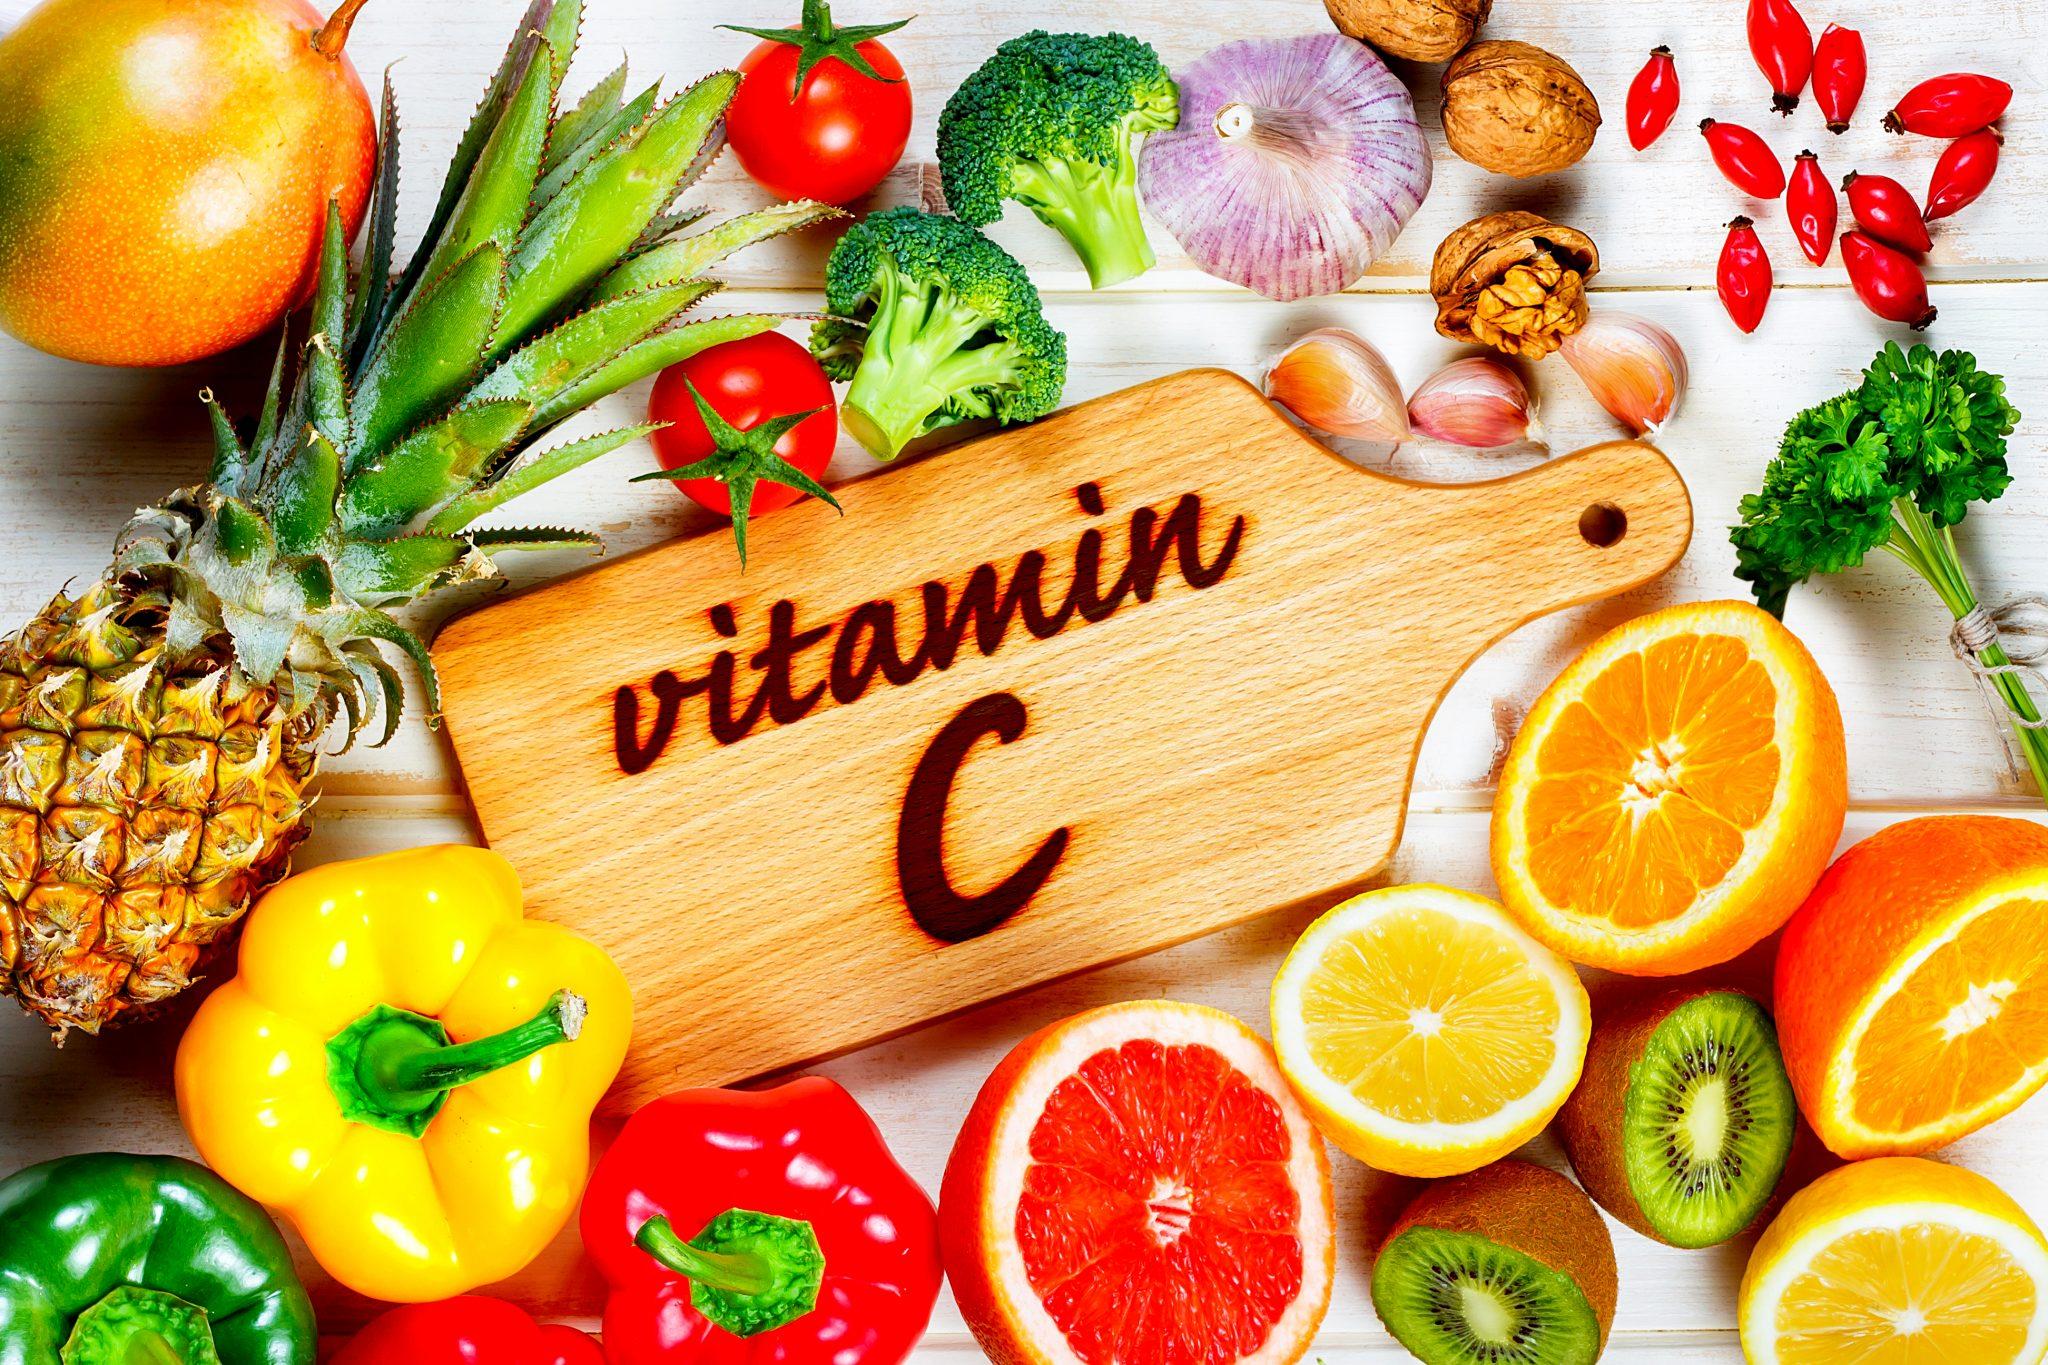 ビタミンCを含む果物と野菜を集めた写真